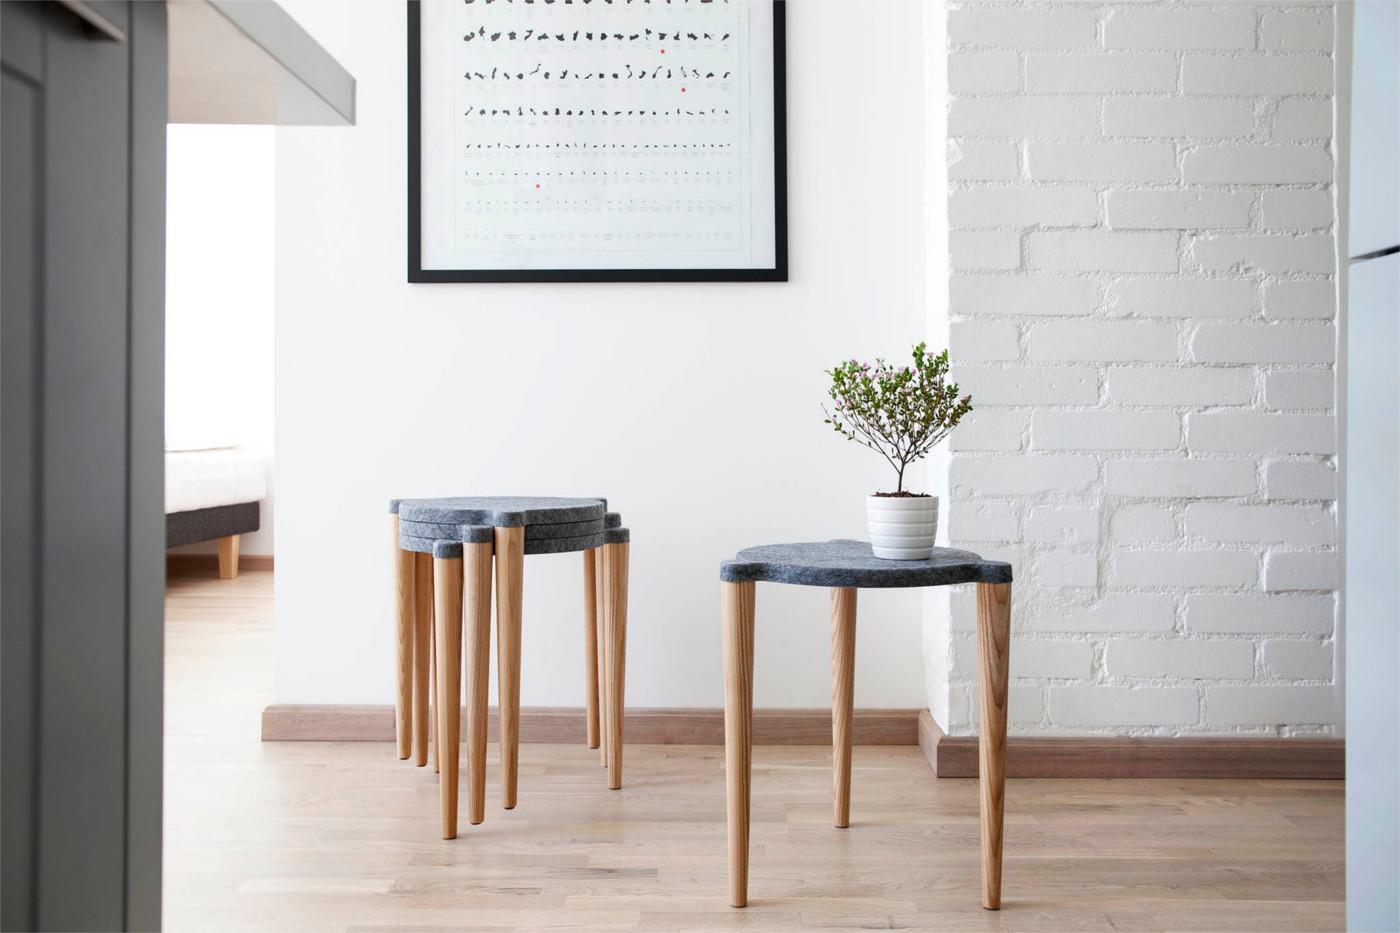 4er set holzhocker im scandi style jetzt online kaufen - Esszimmerstuhle 4er set ...